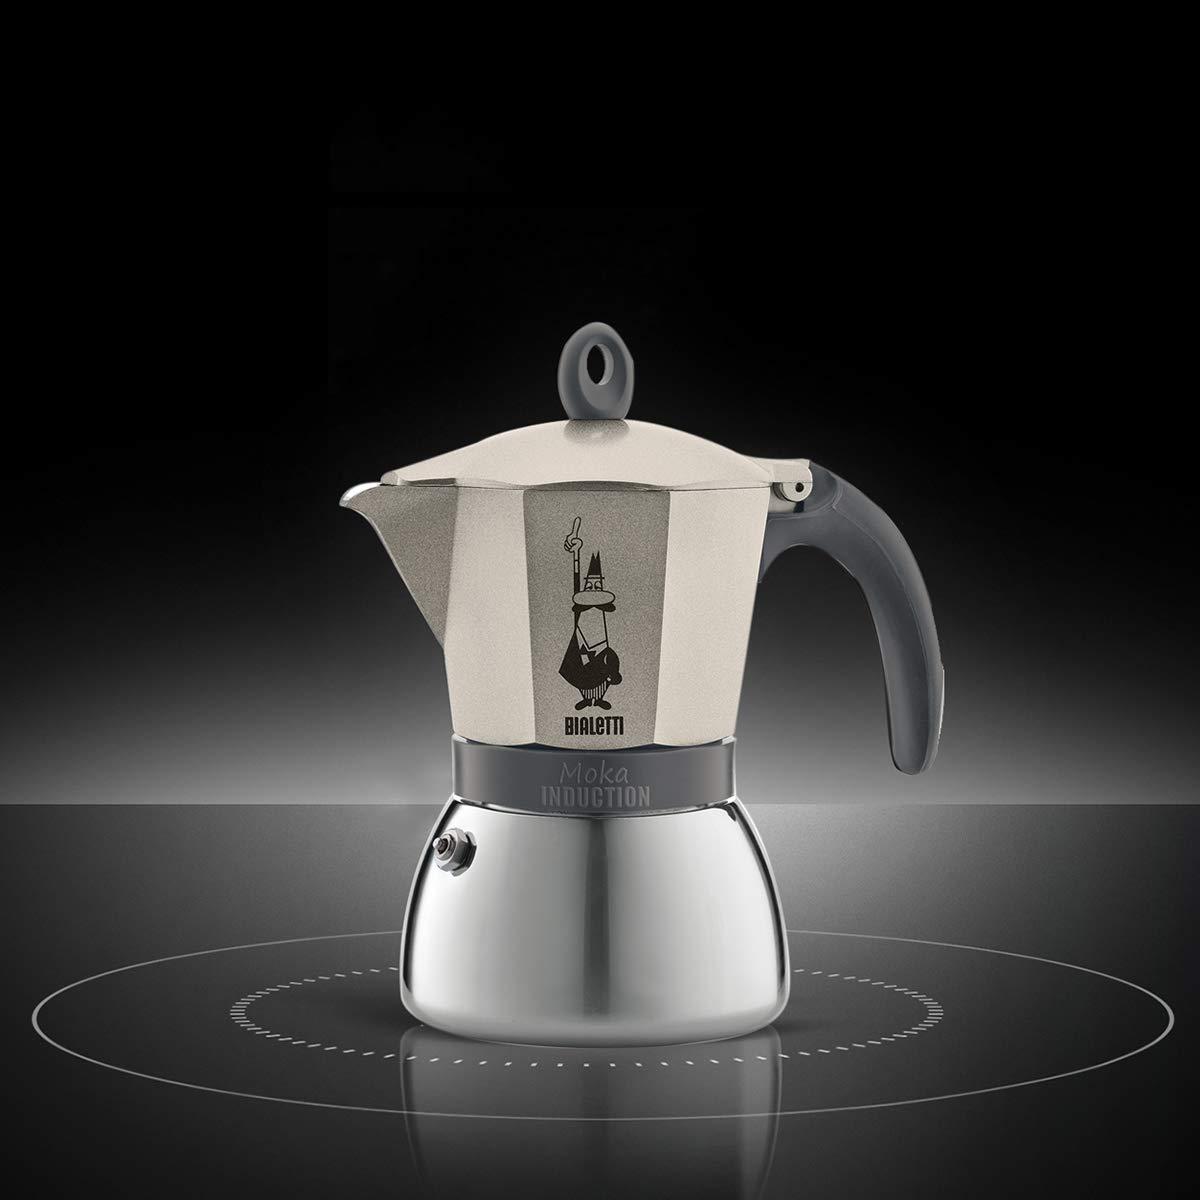 Bialetti Moka Induction, cafetera con Base de Acero para inducción ...